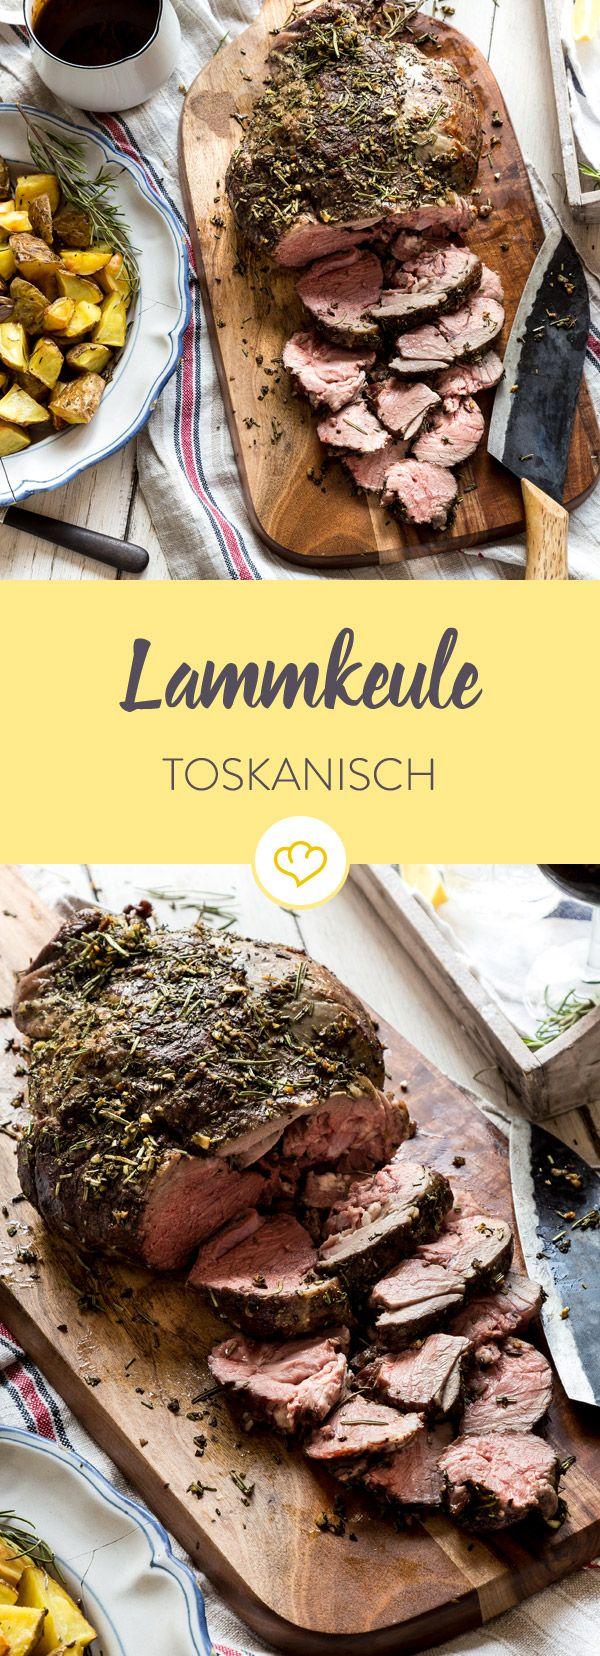 Der absolute Lamm Klassiker kommt aus der Toscana. Saftiges, rosa Lamm mit einer knusprigen Rosmarin-Thymian-Kruste und leckeren Kartoffeln aus dem Ofen.